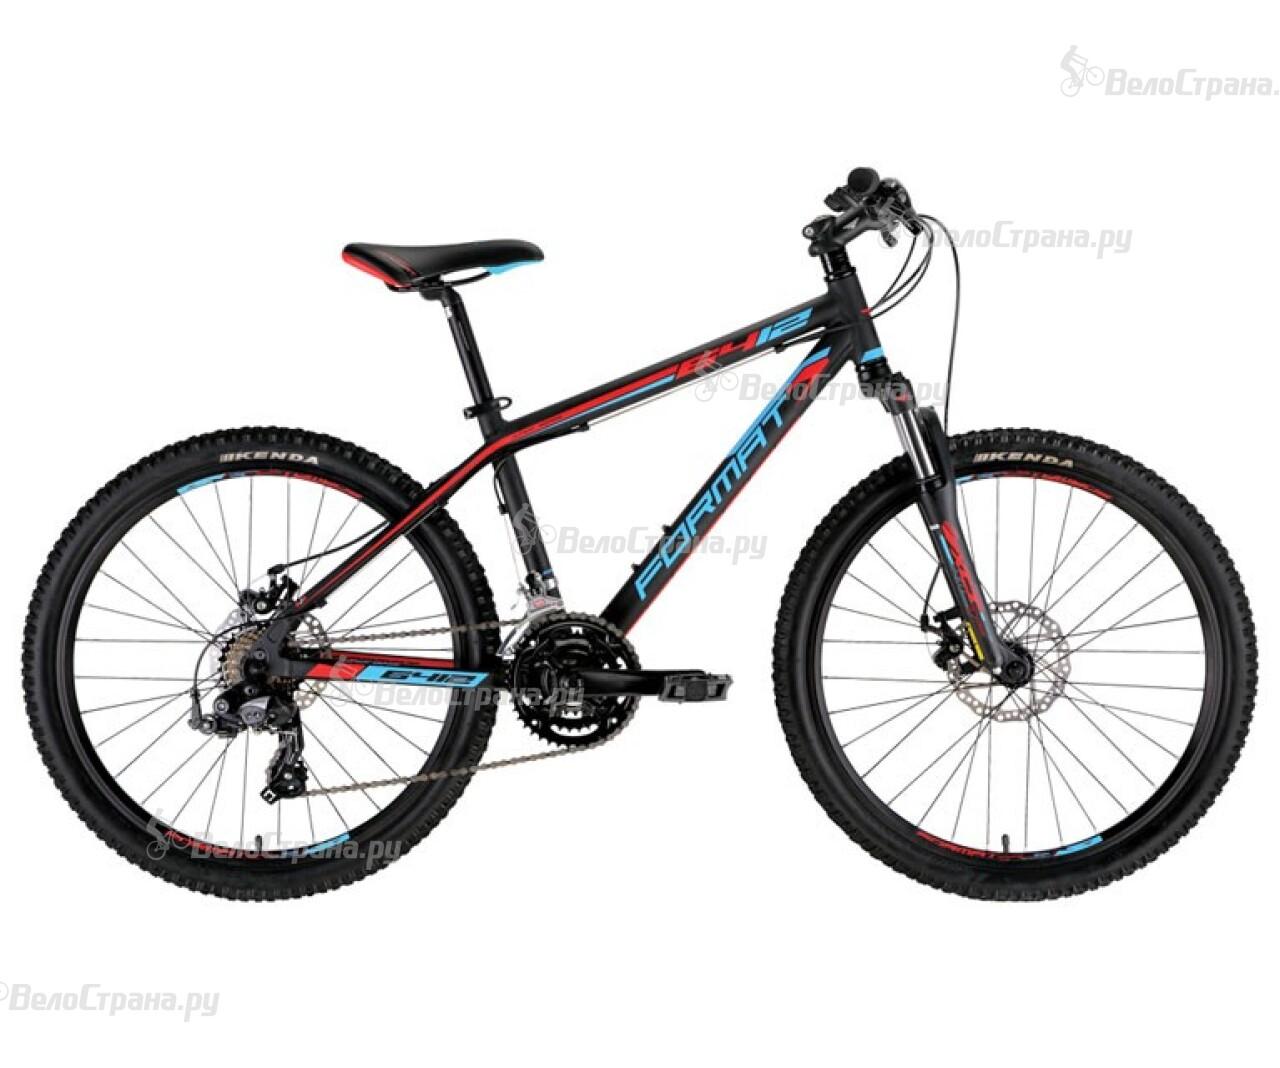 Велосипед Format 6412 (2014) велосипед format 1212 2014